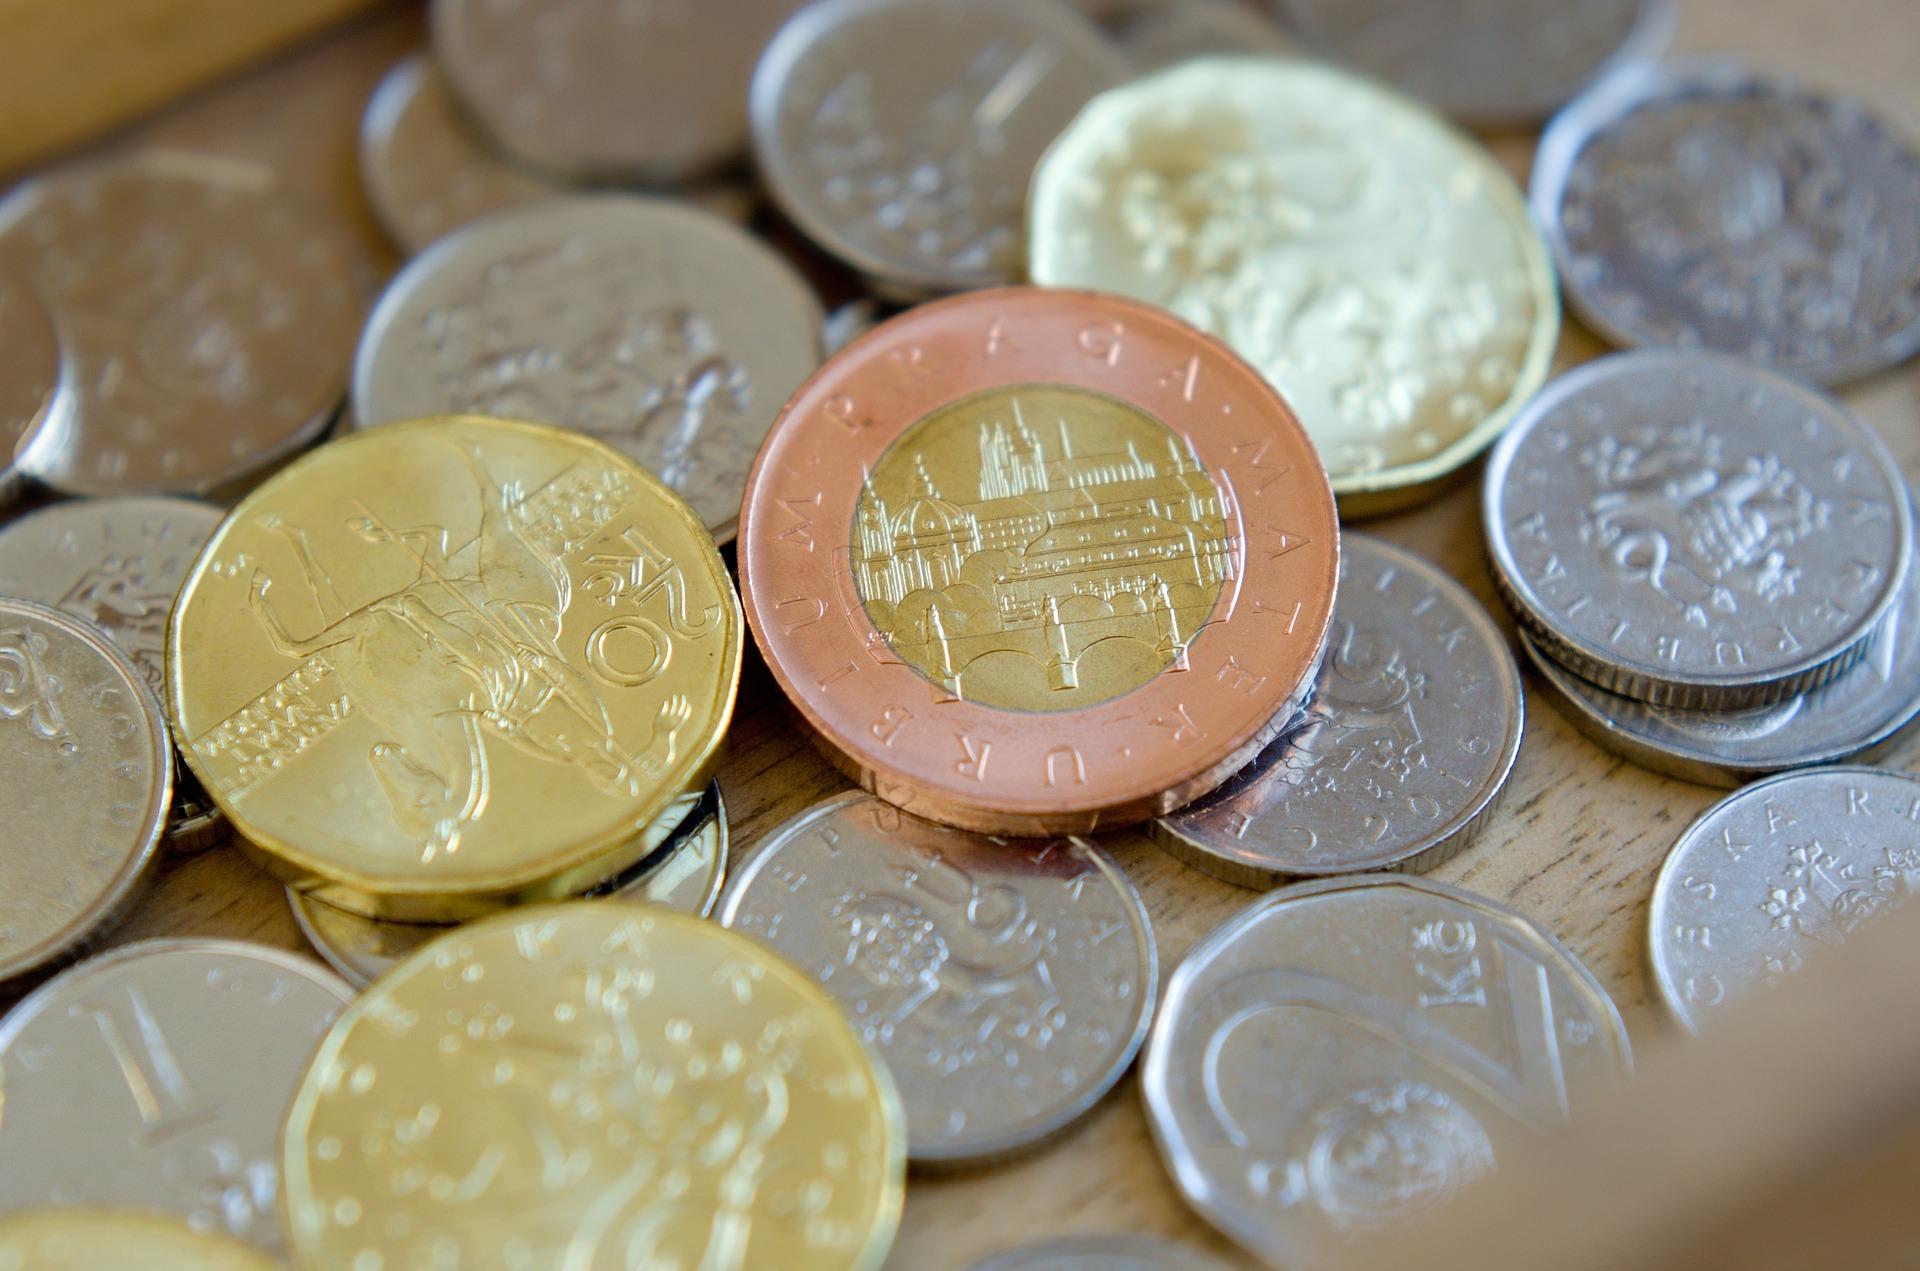 Vzácné české mince z moderní doby. Nemáte je schované na památku?